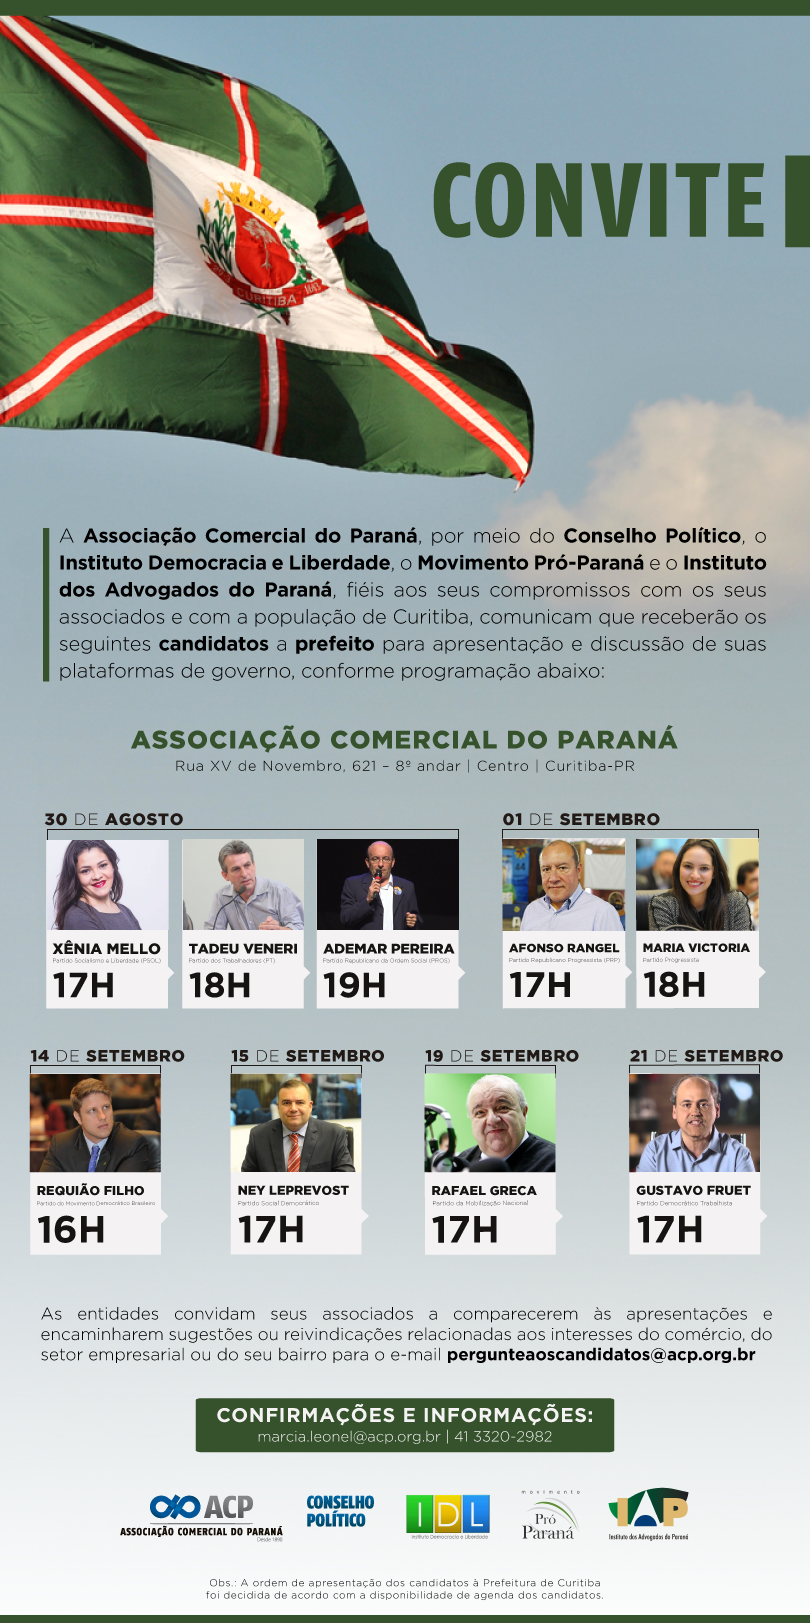 Convite---Candidatos-a-Prefeitura-de-Curitiba---01-09